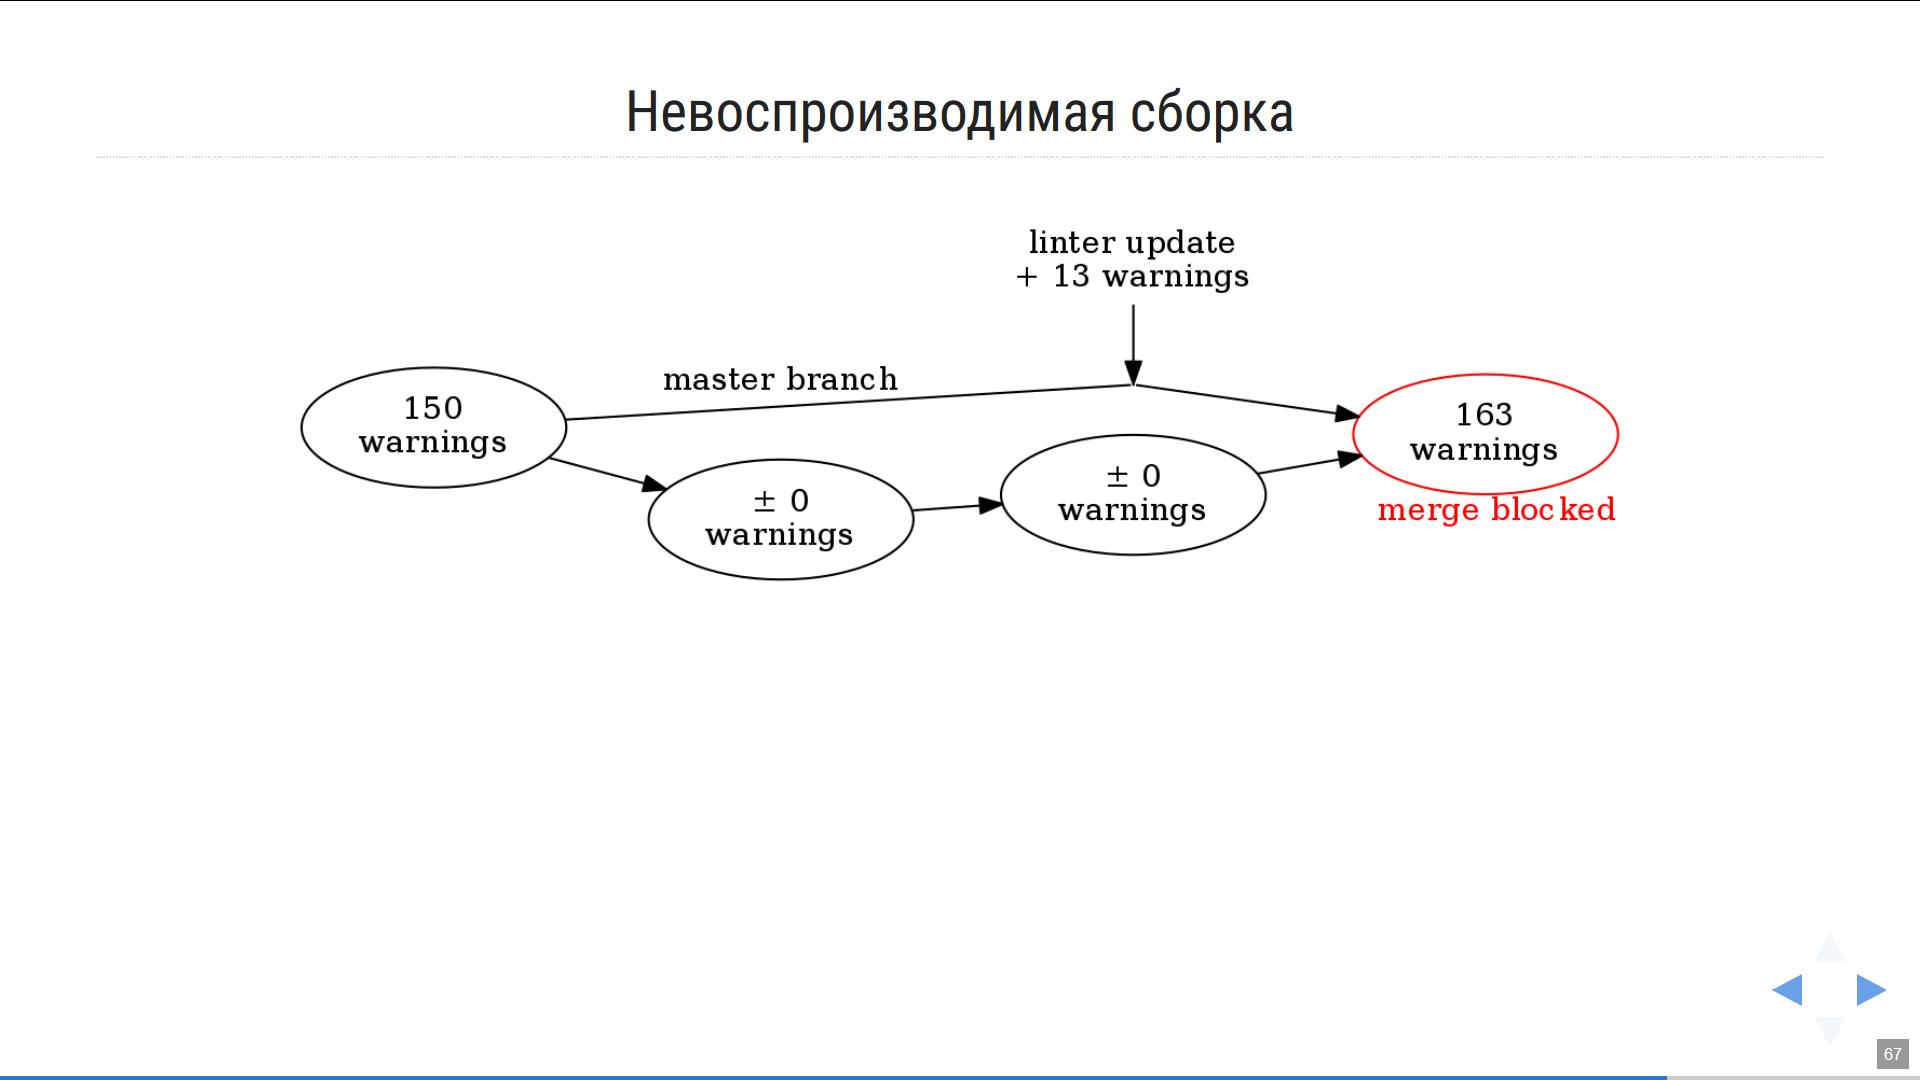 Презентация как код, или Почему я больше не пользуюсь Powerpoint-ом - 7